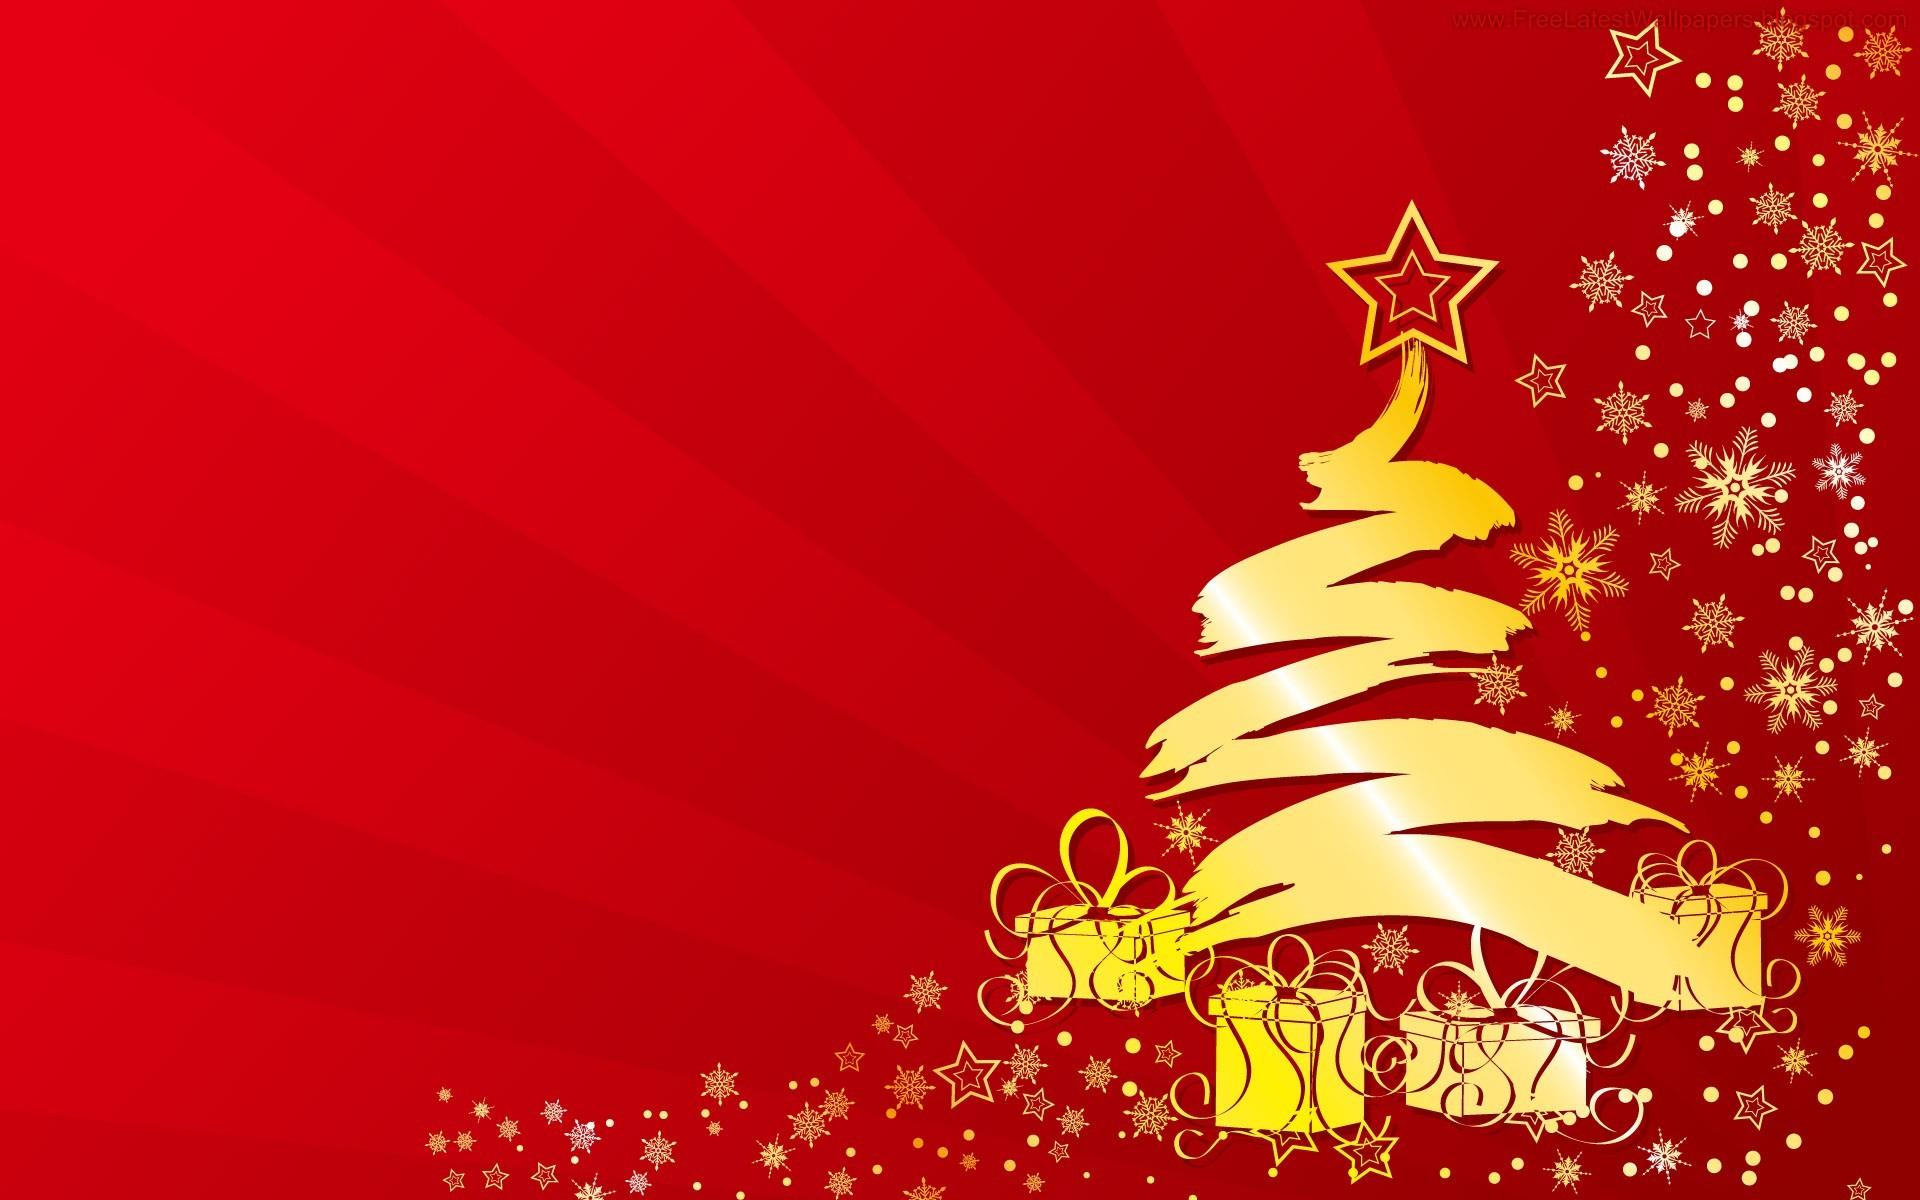 Fondos de Navidad para Pantalla   Taringa 1920x1200